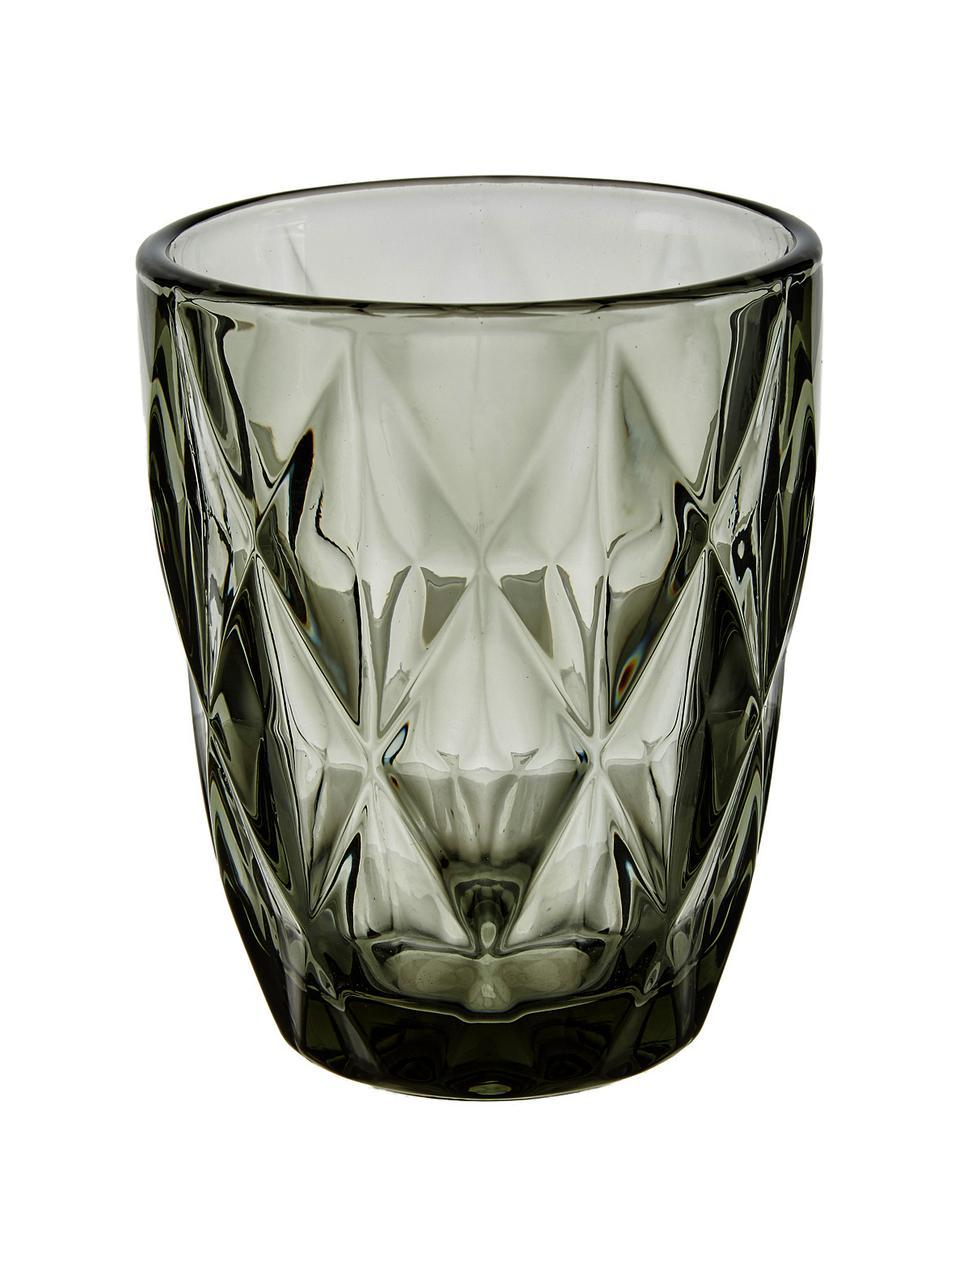 Wassergläser Colorado mit Strukturmuster, 4 Stück, Glas, Grau, Transparent, Ø 8 x H 10 cm